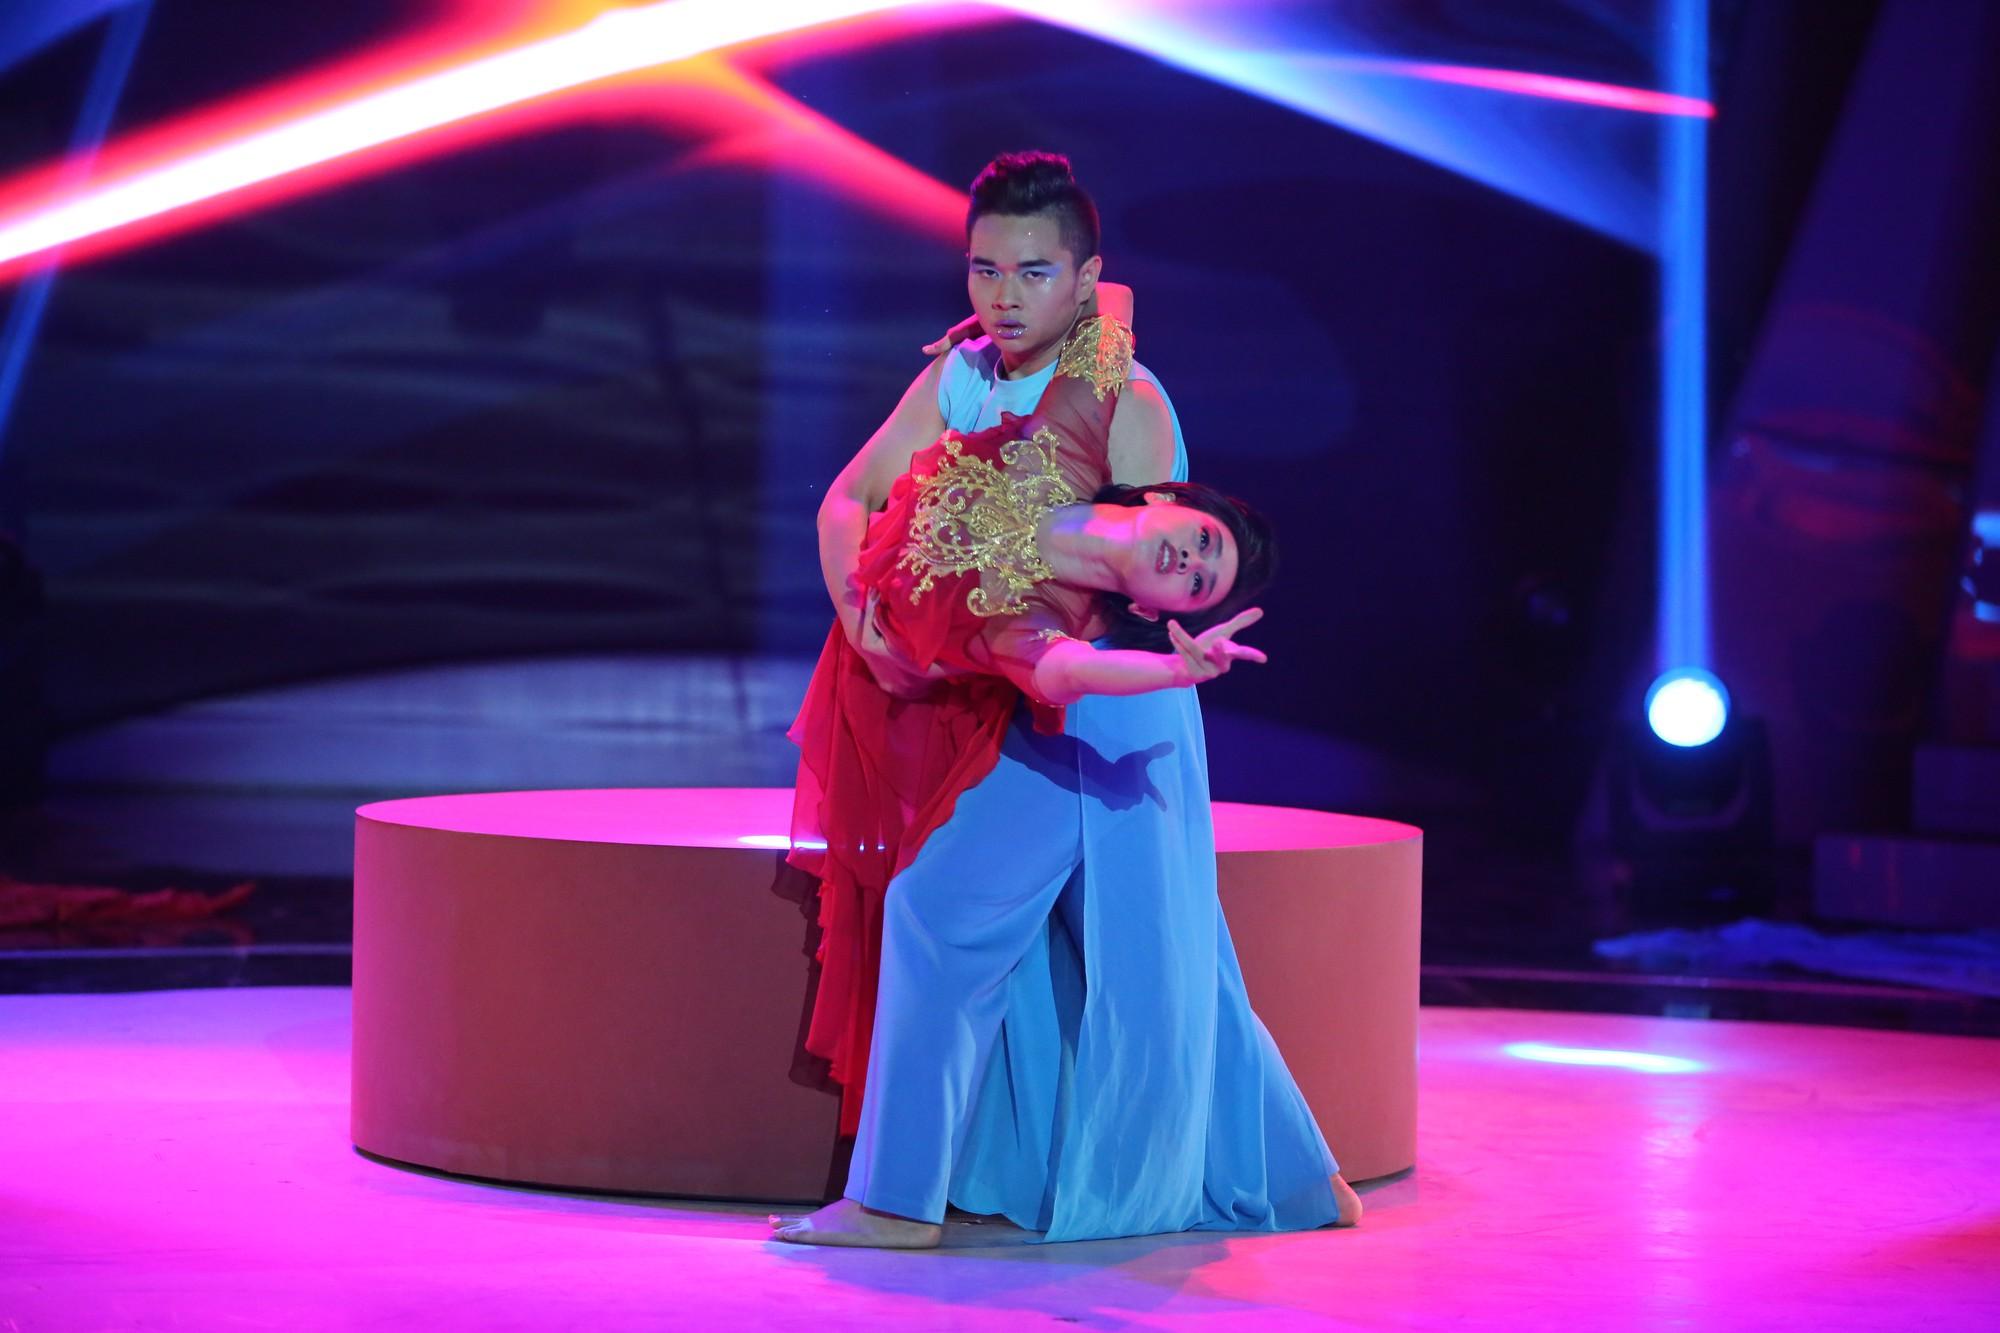 Giảm gần 30kg, bà mẹ một con Thanh Huyền lên ngôi Quán quân Bước nhảy ngàn cân 2017 - Ảnh 12.